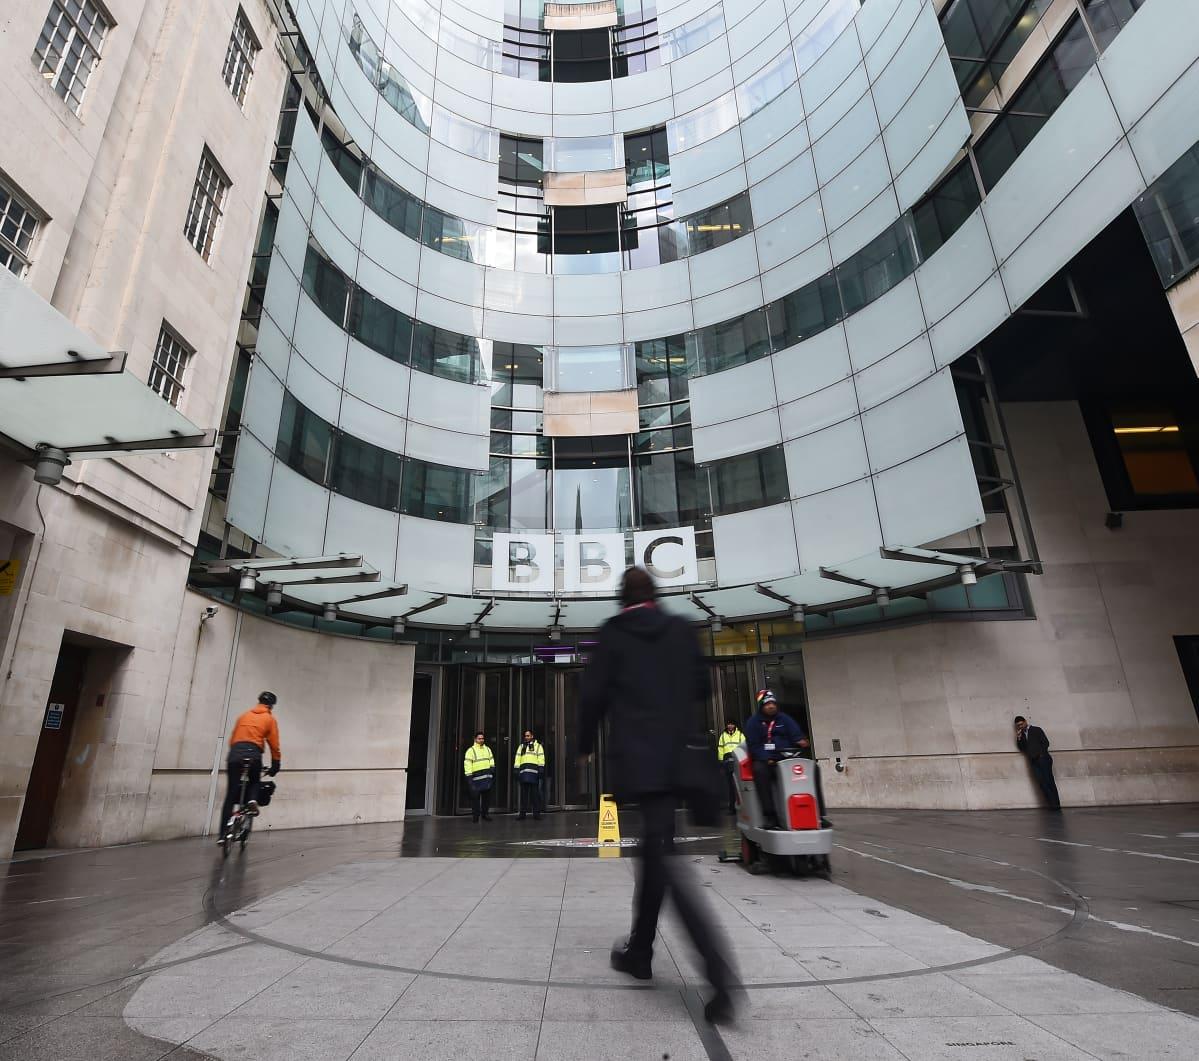 Britannian yleisradioyhtiön BBC:n päärakennus Lontoossa. Ihmisiä kulkee pääovesta sisään.